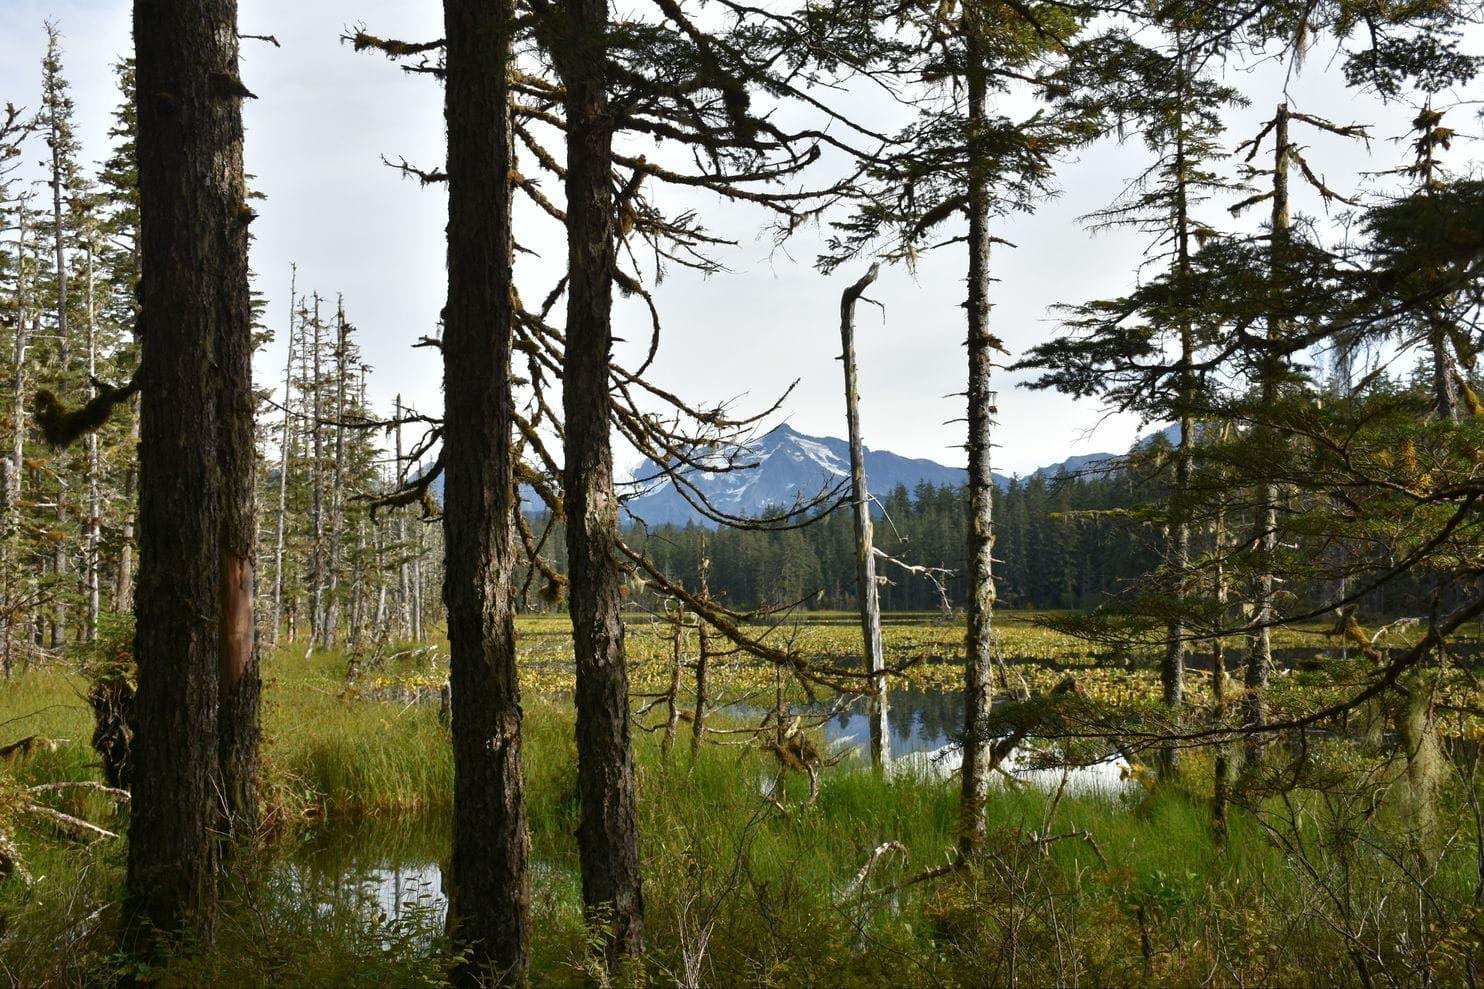 Unendliche Weiten: der Situk Lake Trail im Tongass National Forest (Bild: Keystone/Spiegel Online/Washington Post)